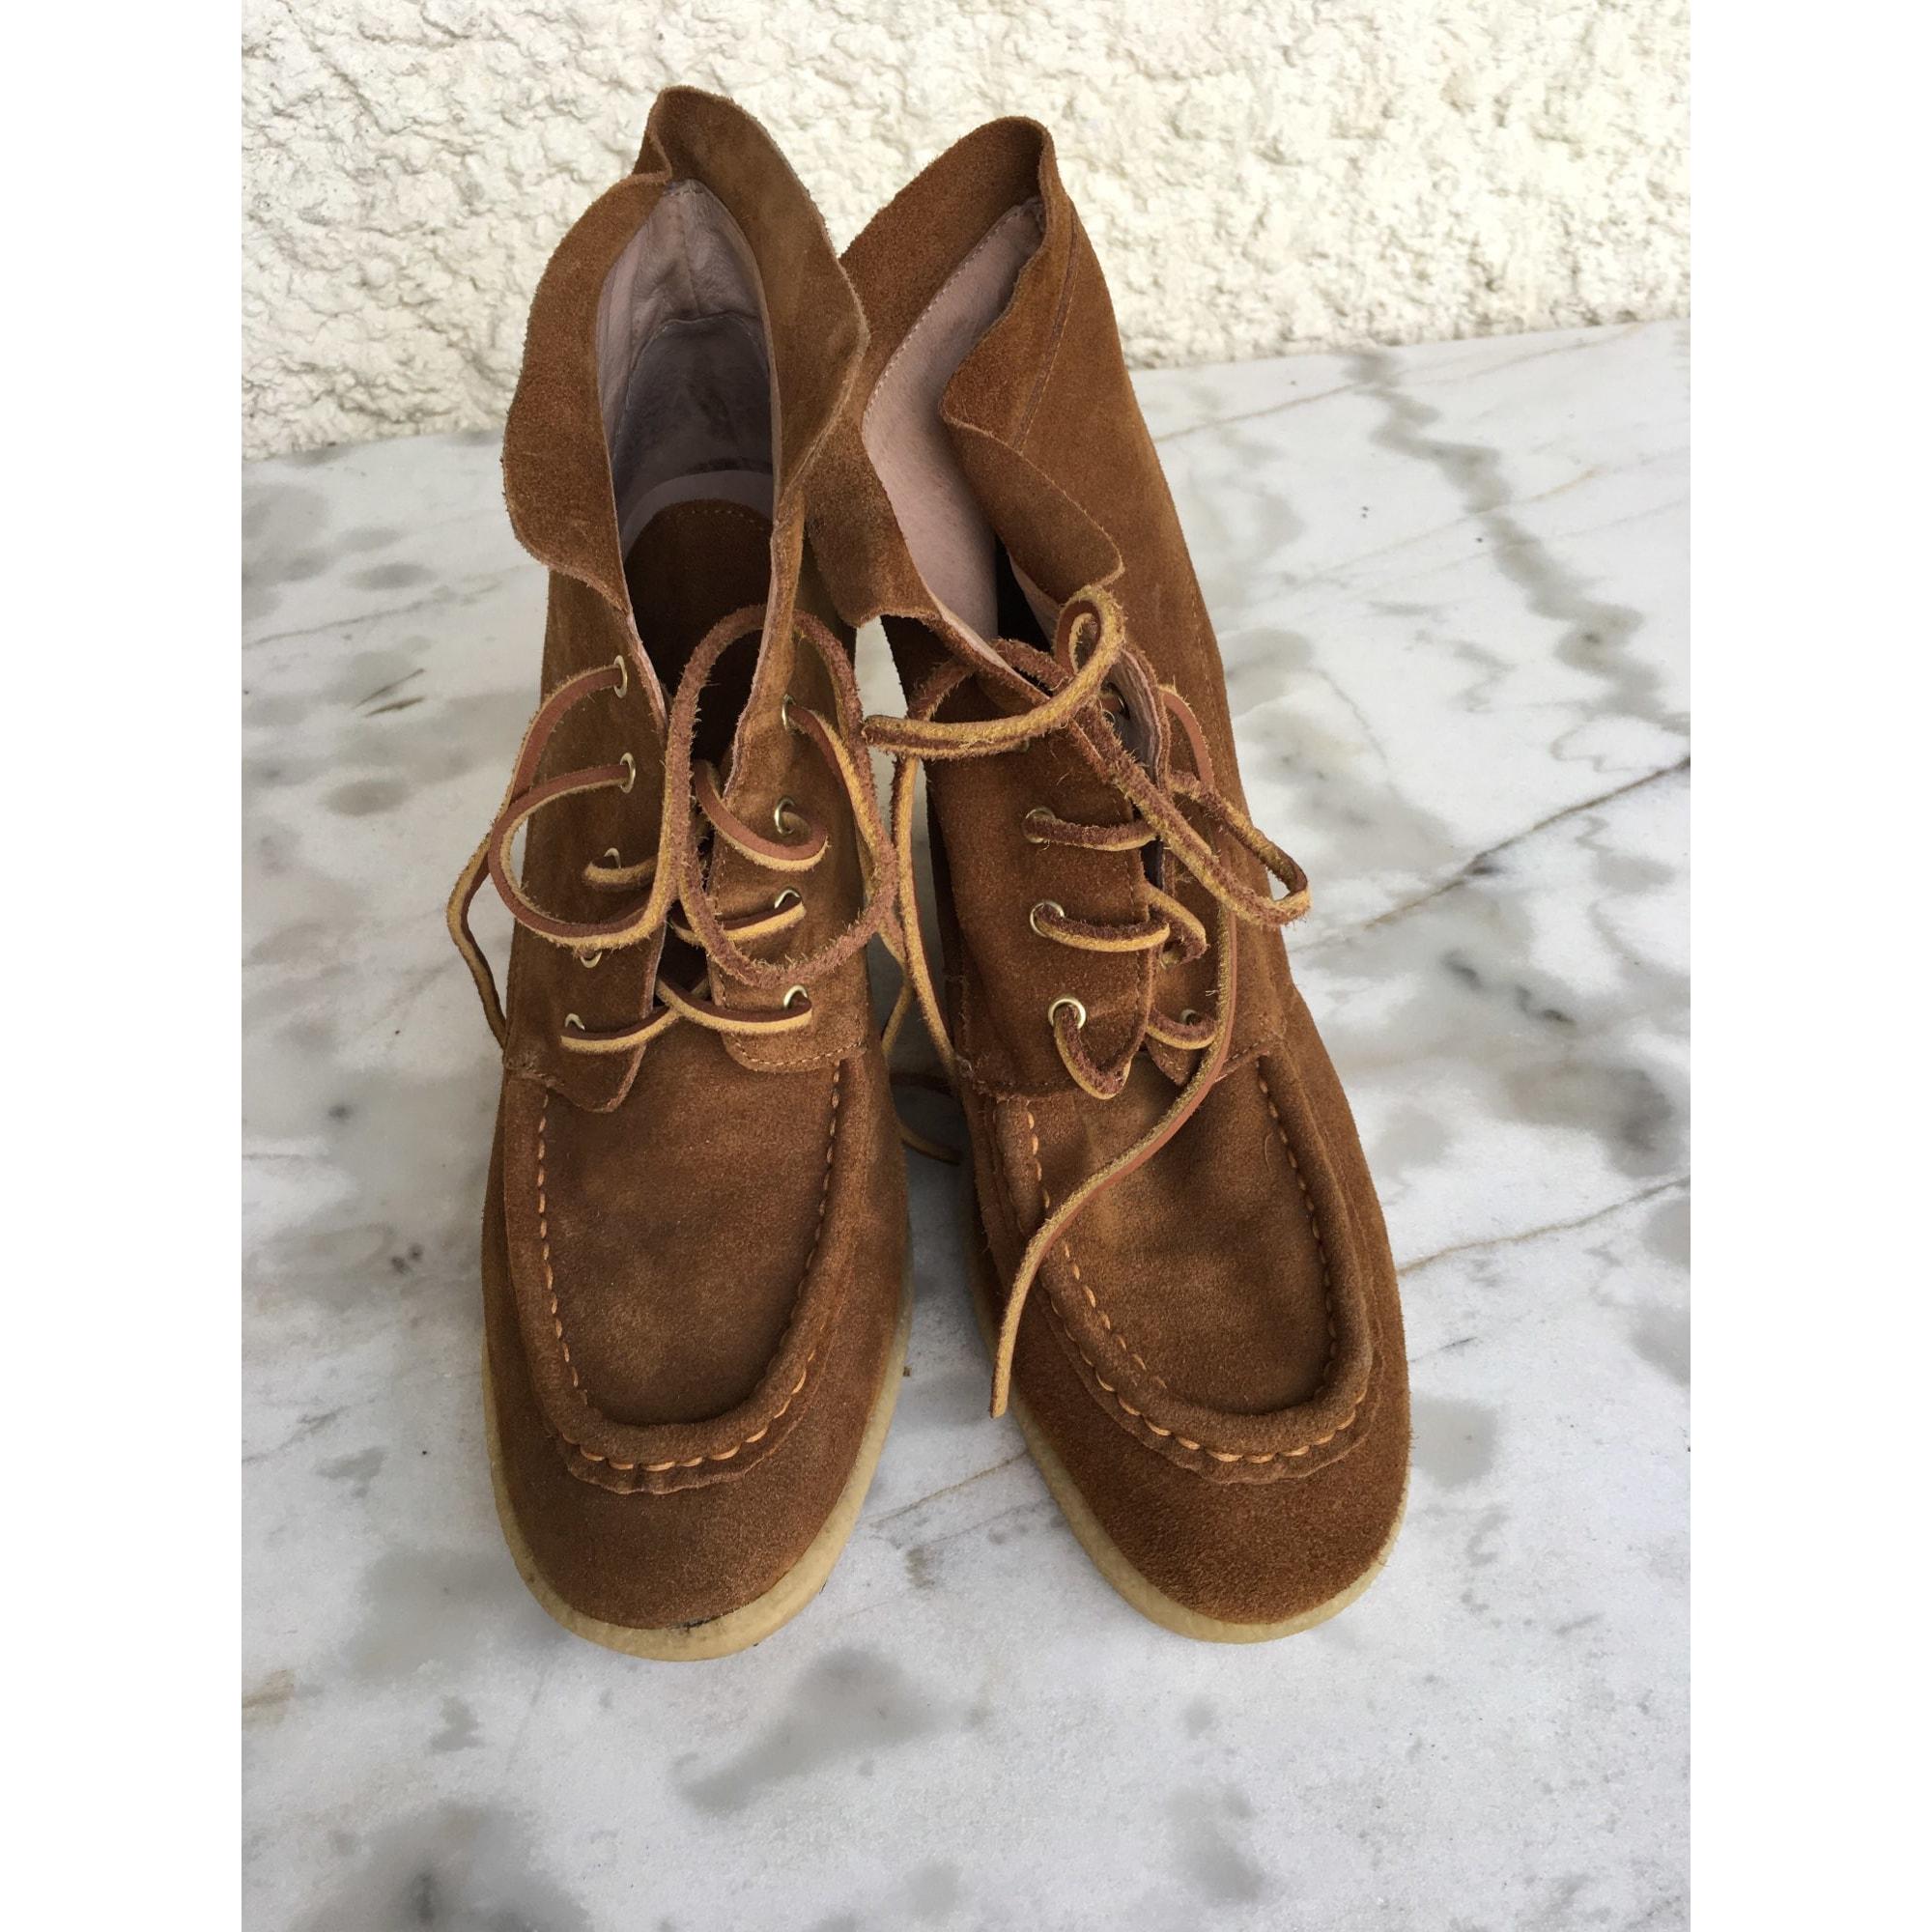 Bottines & low boots à compensés MELLOW YELLOW Beige, camel